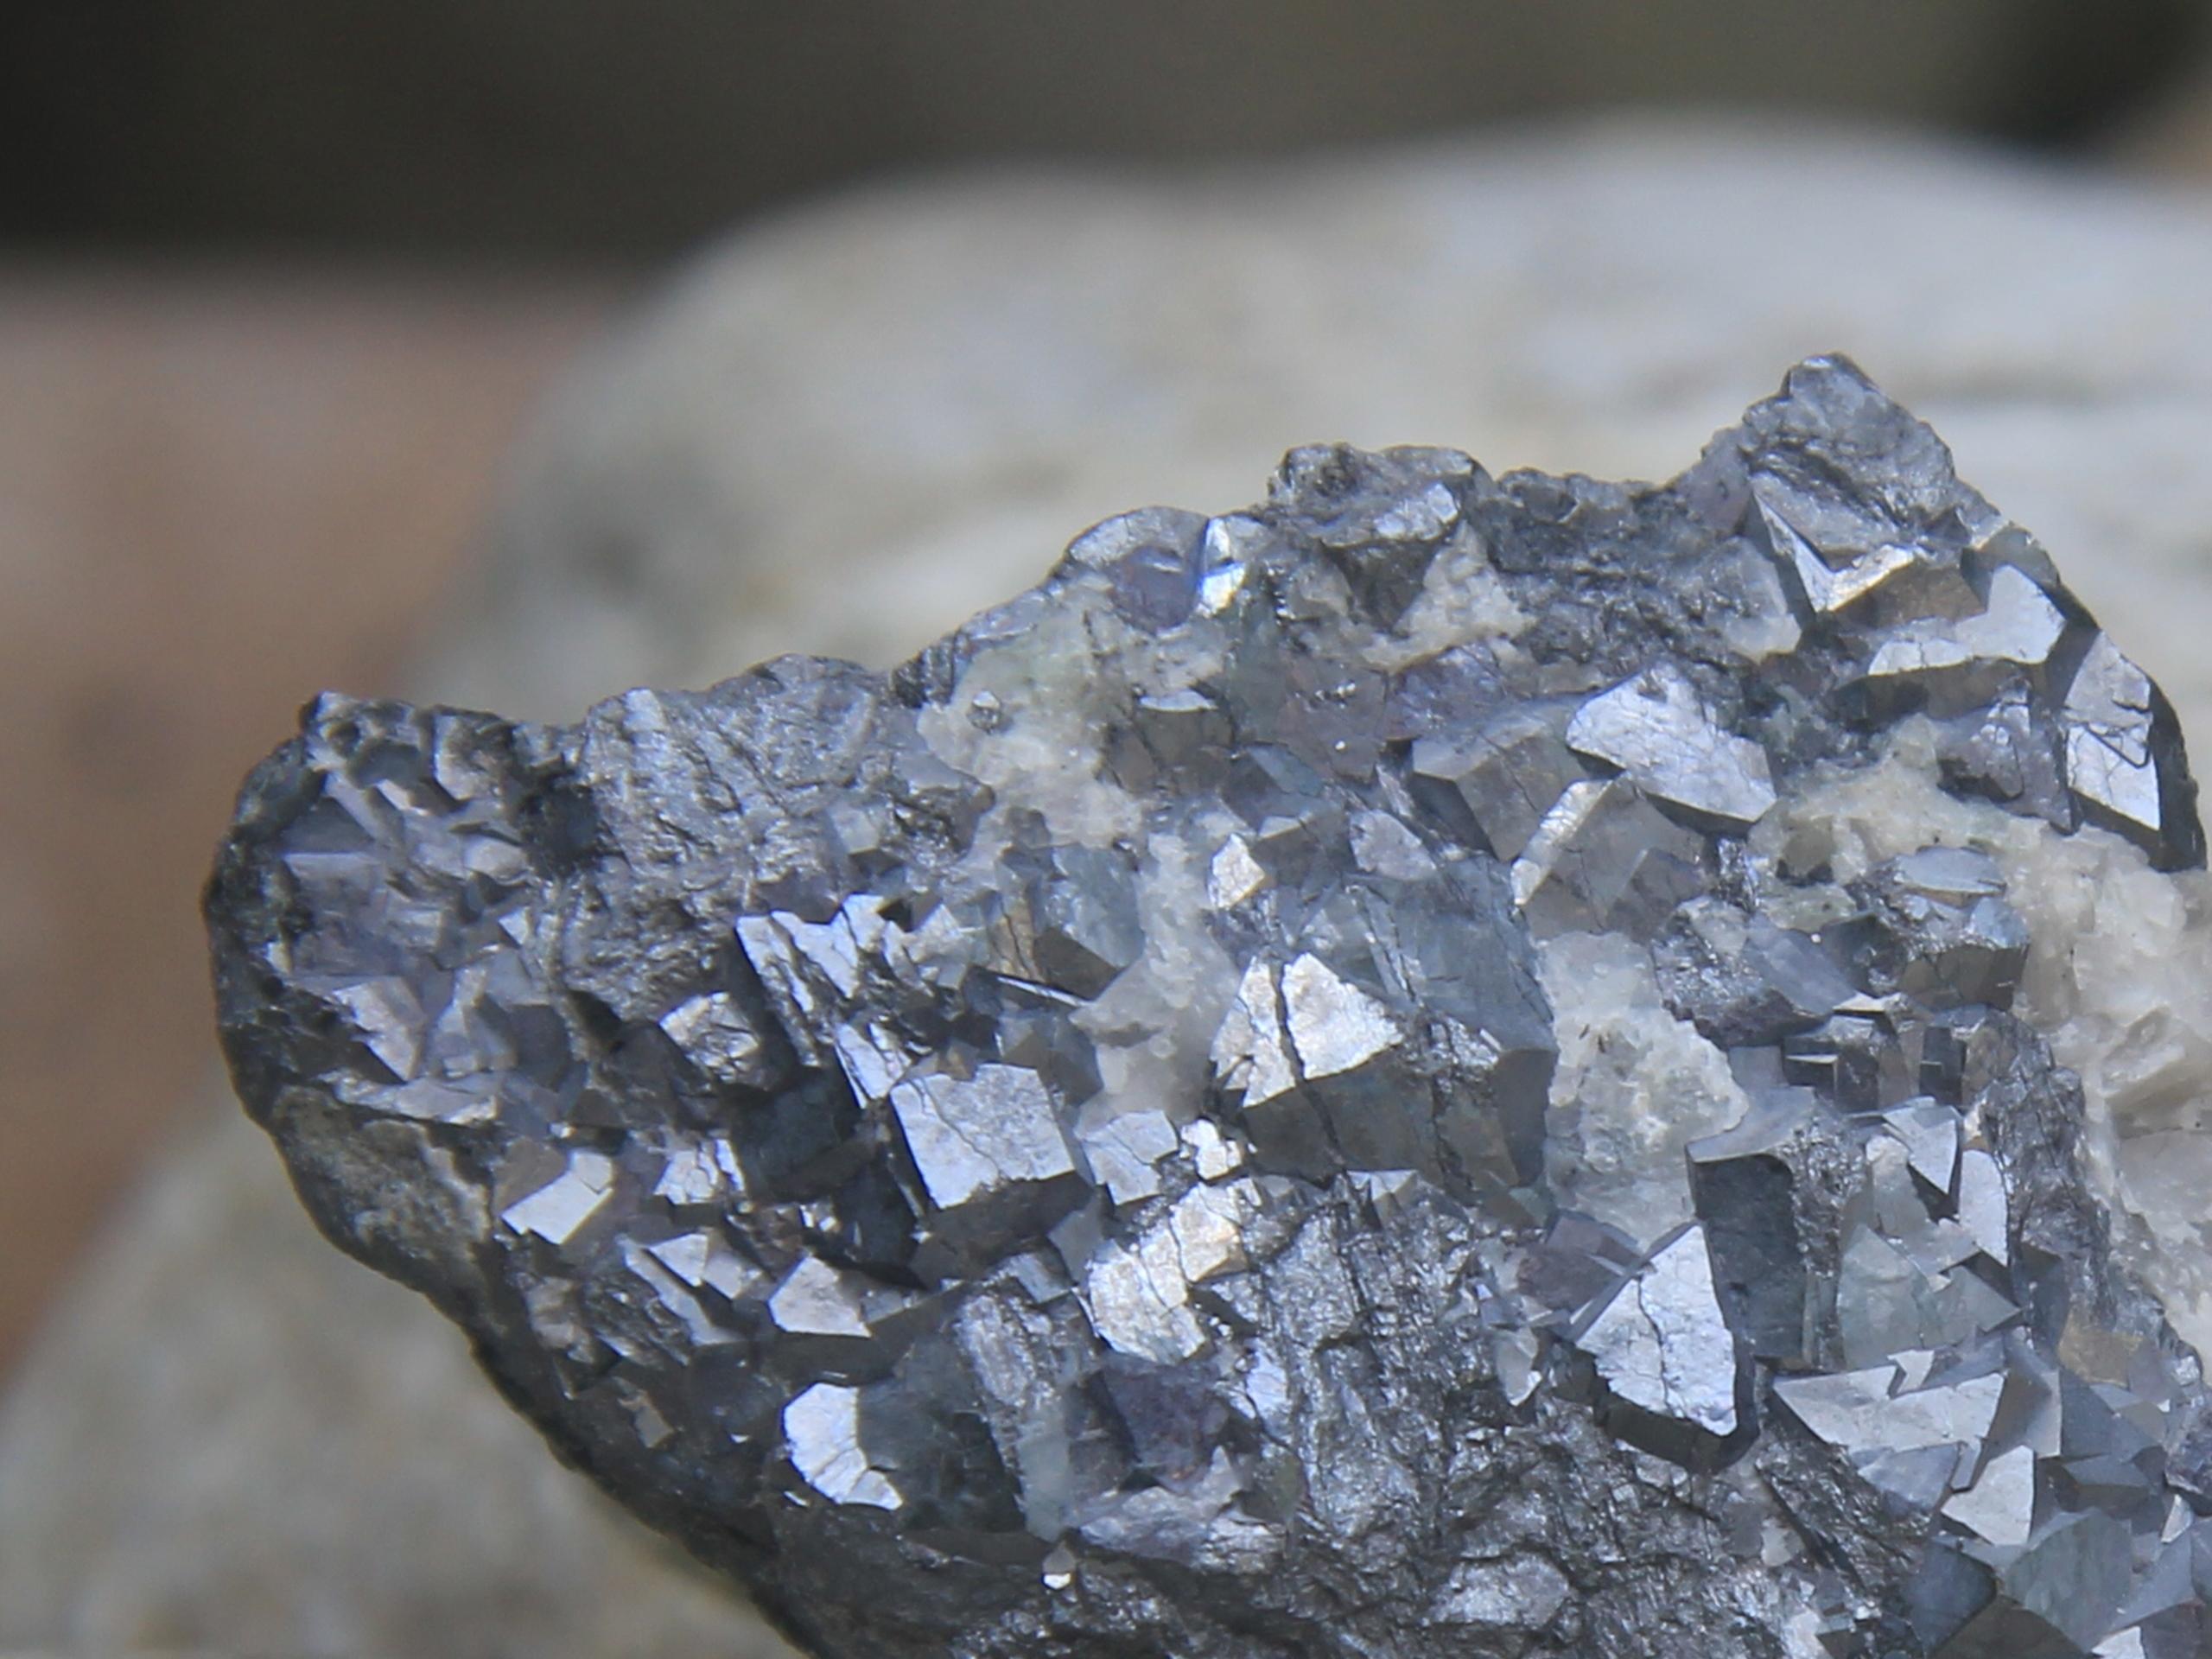 Skutterudite crystals